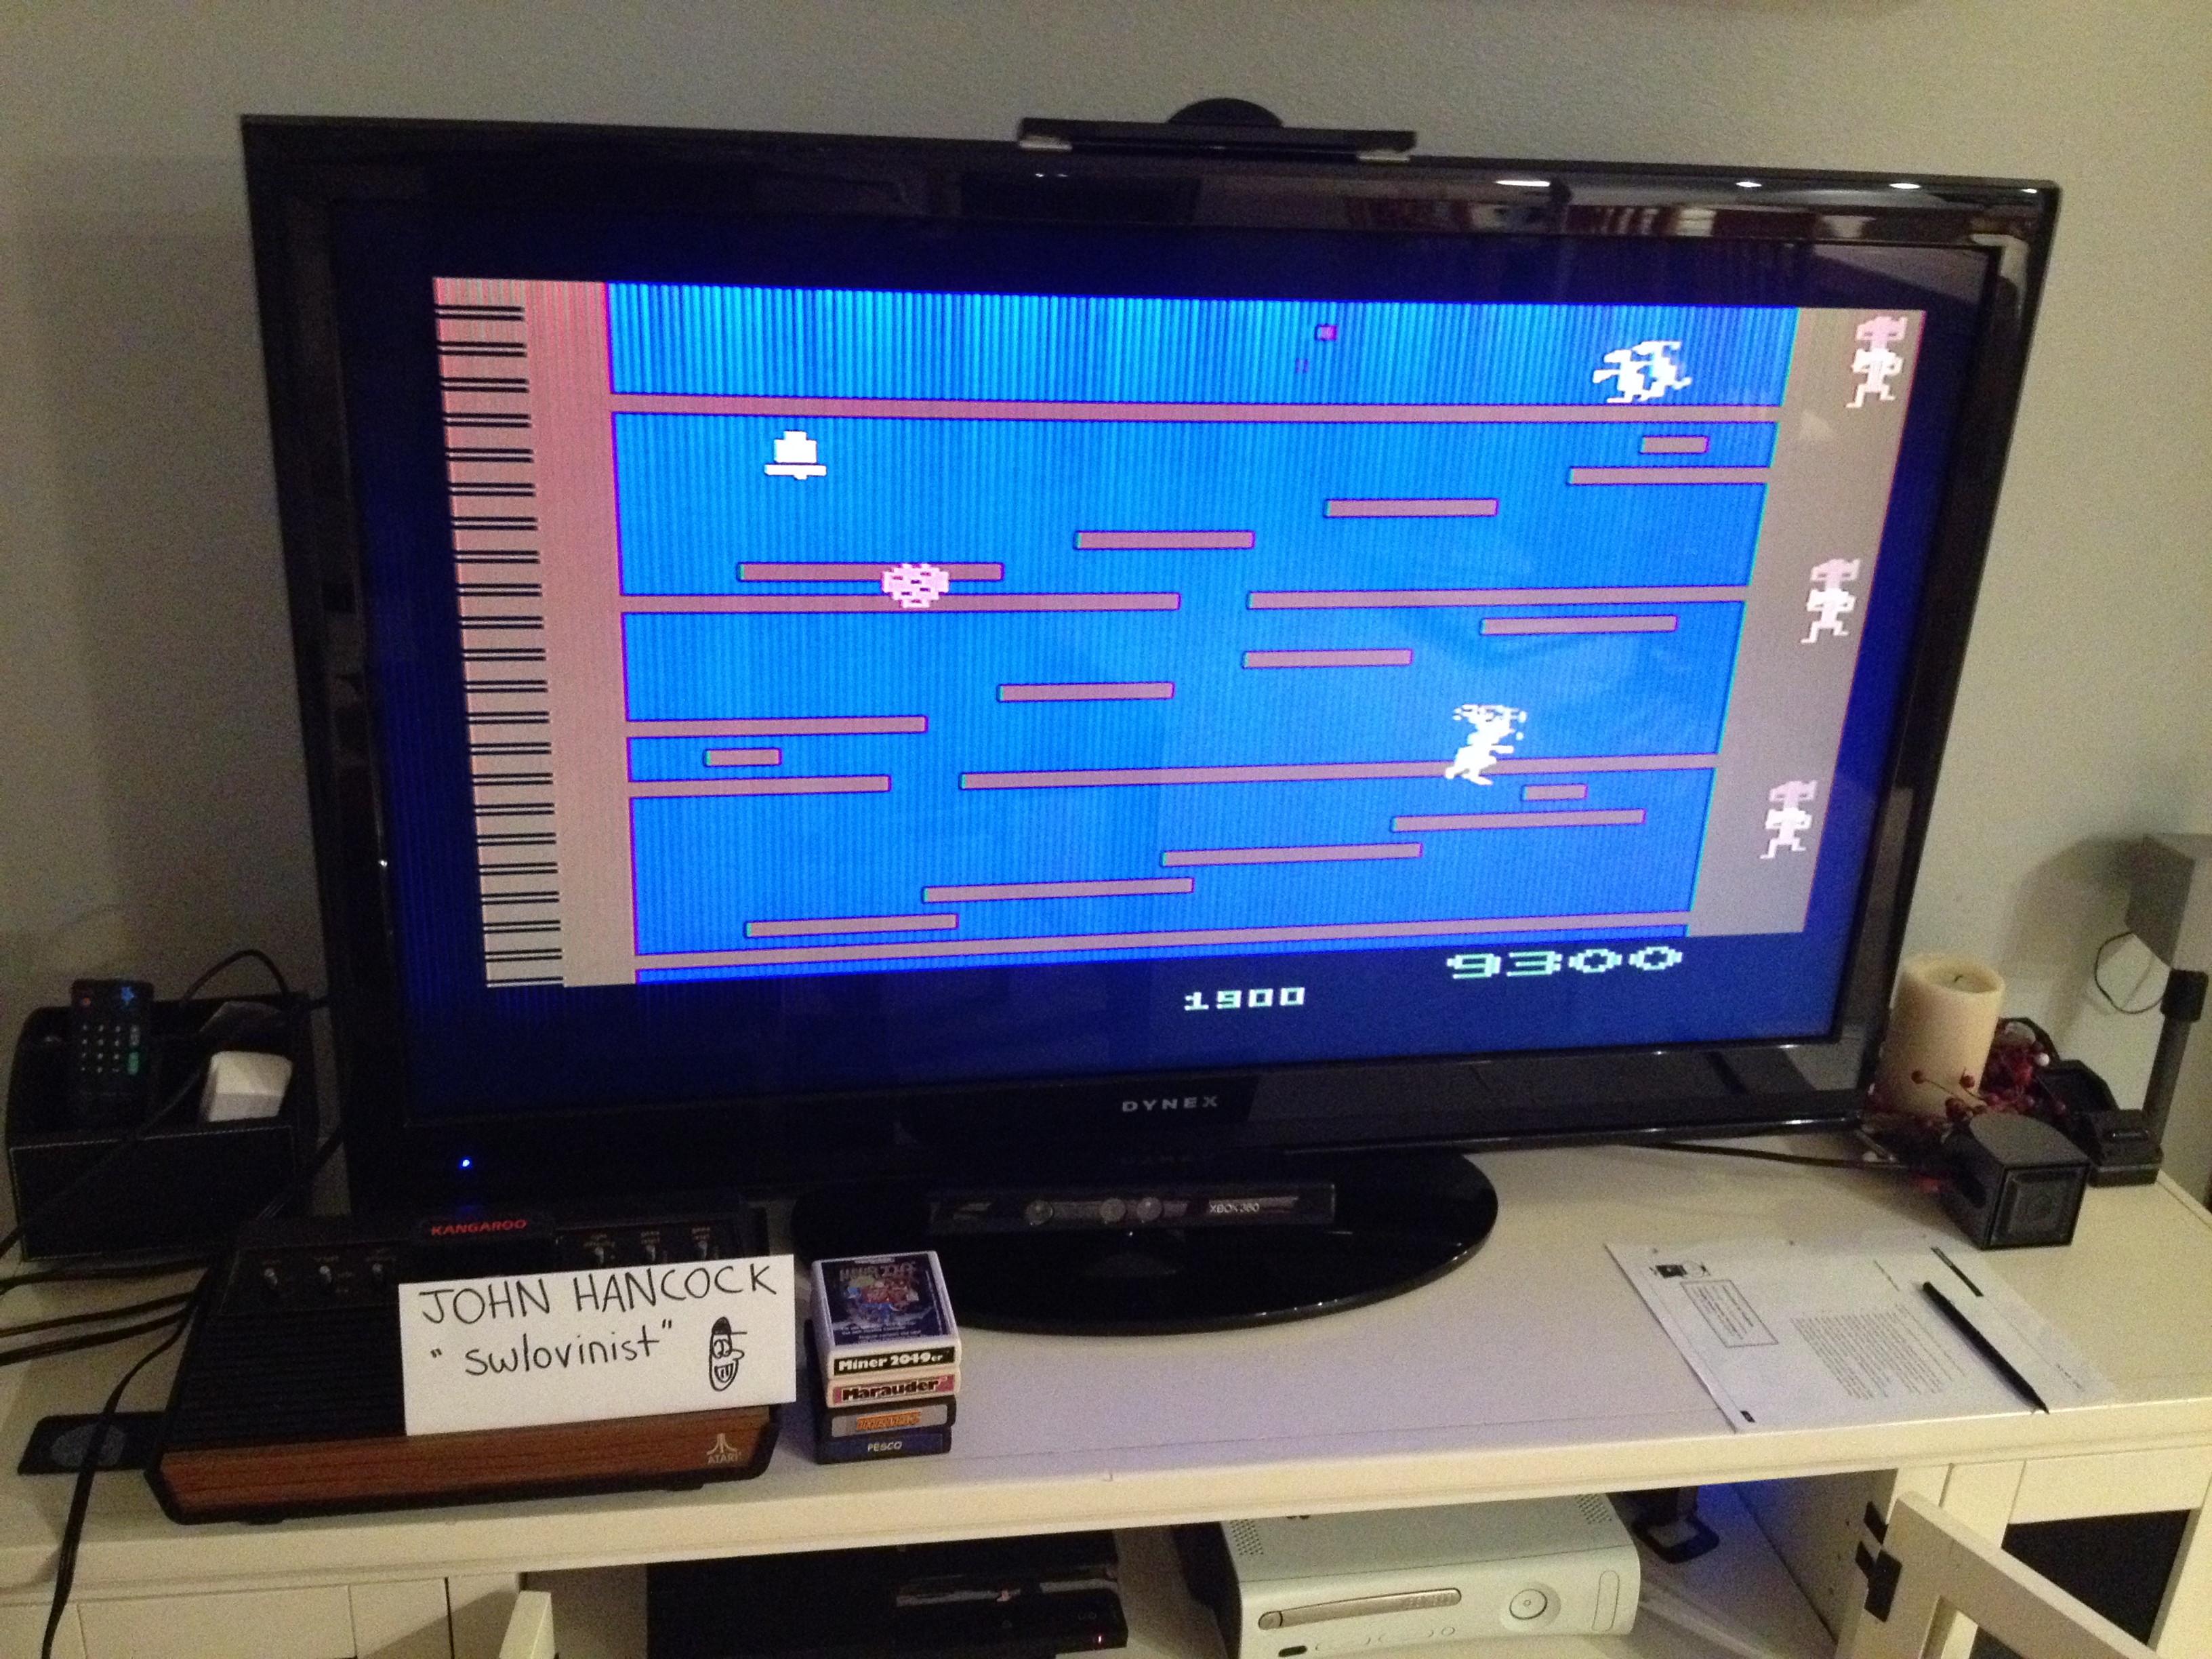 swlovinist: Kangaroo (Atari 2600) 9,300 points on 2013-10-02 23:09:46